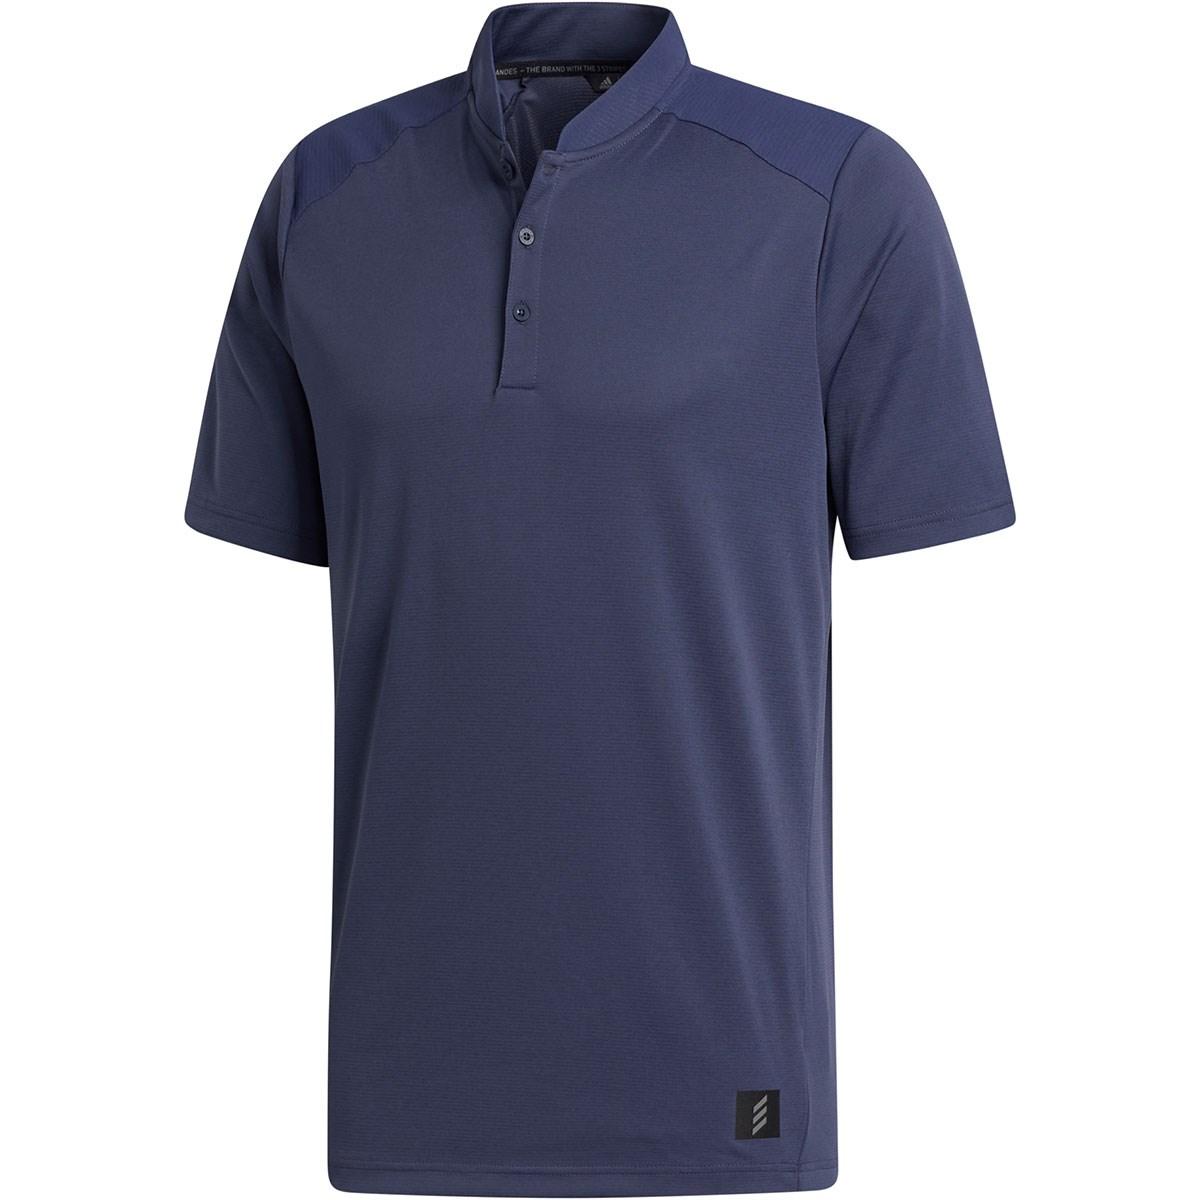 アディダス Adidas ADICROSS 半袖ヘンリーネックシャツ S ミディアムグレー